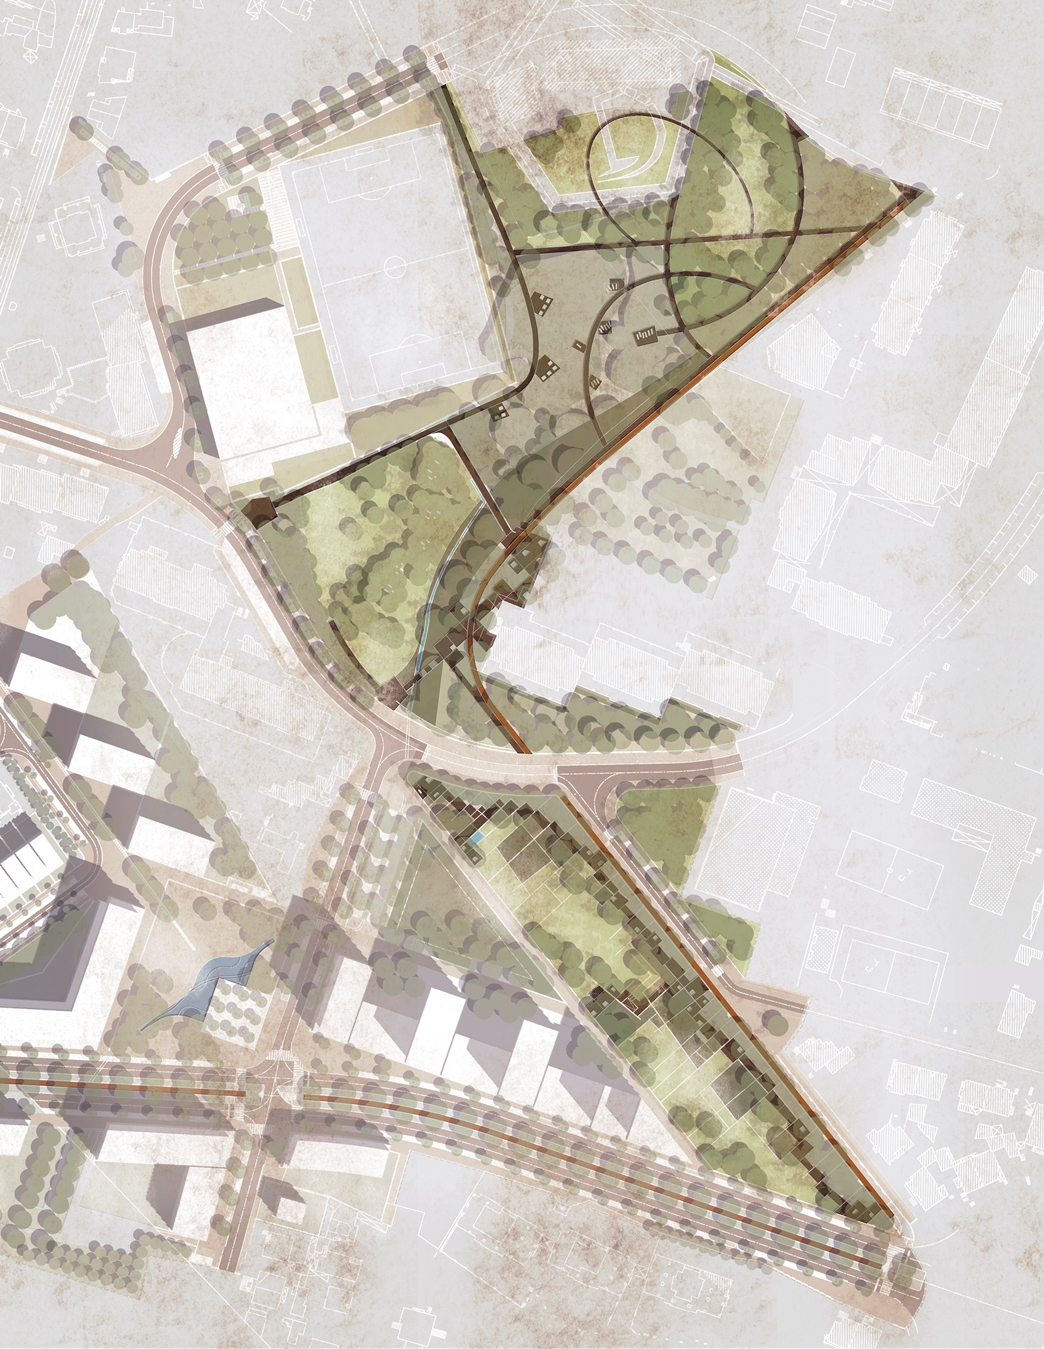 Parque Urbano da Foz do Douro urban park Sérgio Pinto Arquitetura Paisagista e Desenho Urbano Landscape Architecture & Urban Design